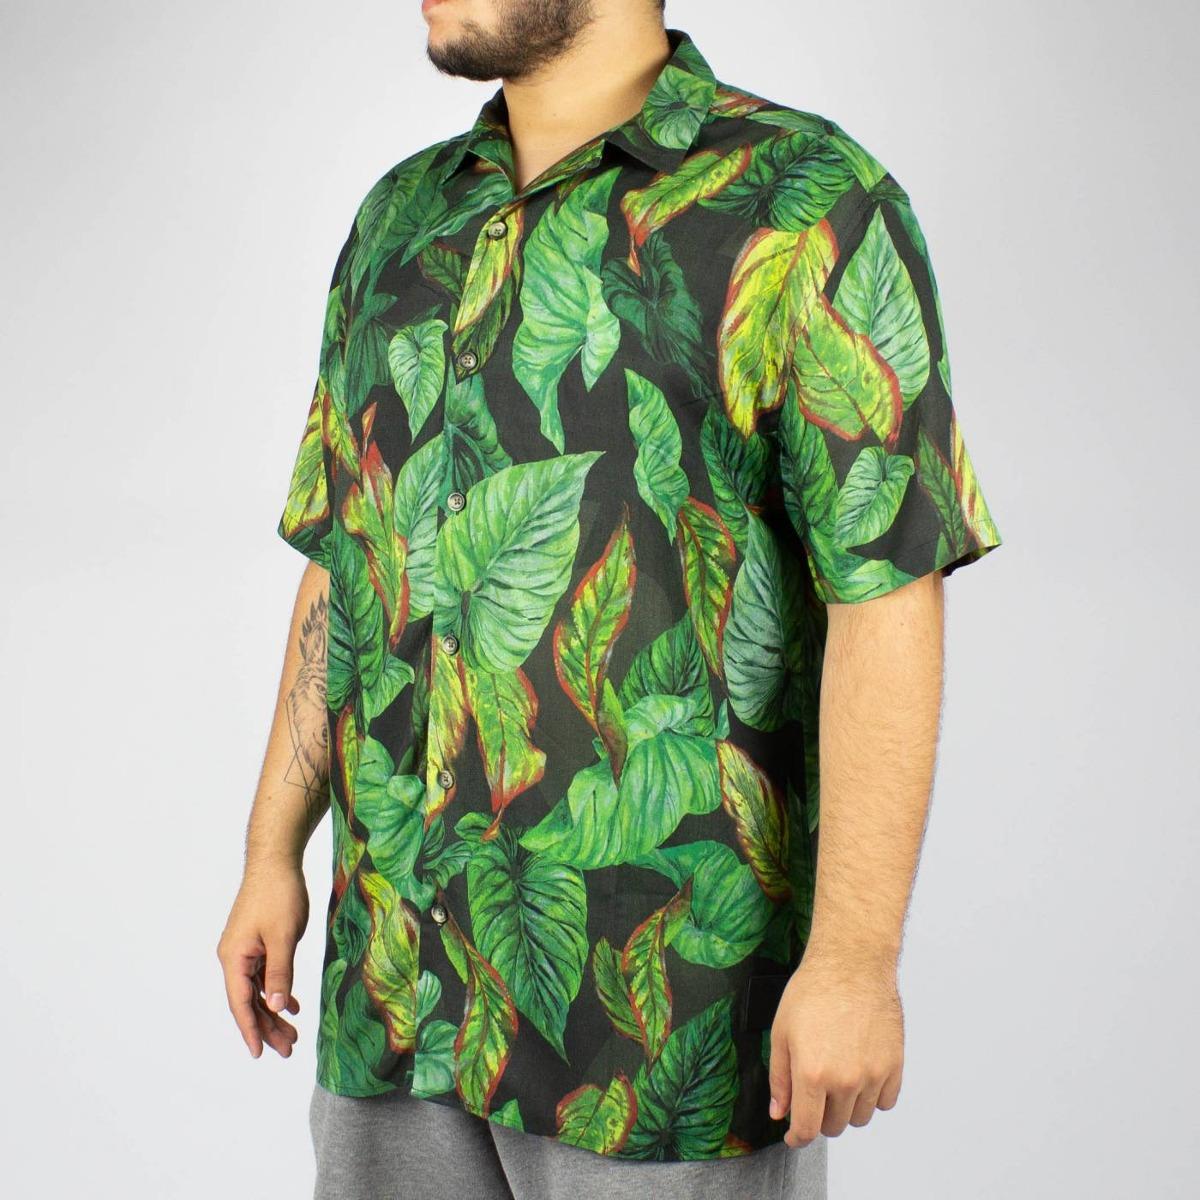 52e48b0964 Camisa Floral Mcd Atlantic Forest Preta Original - R  299